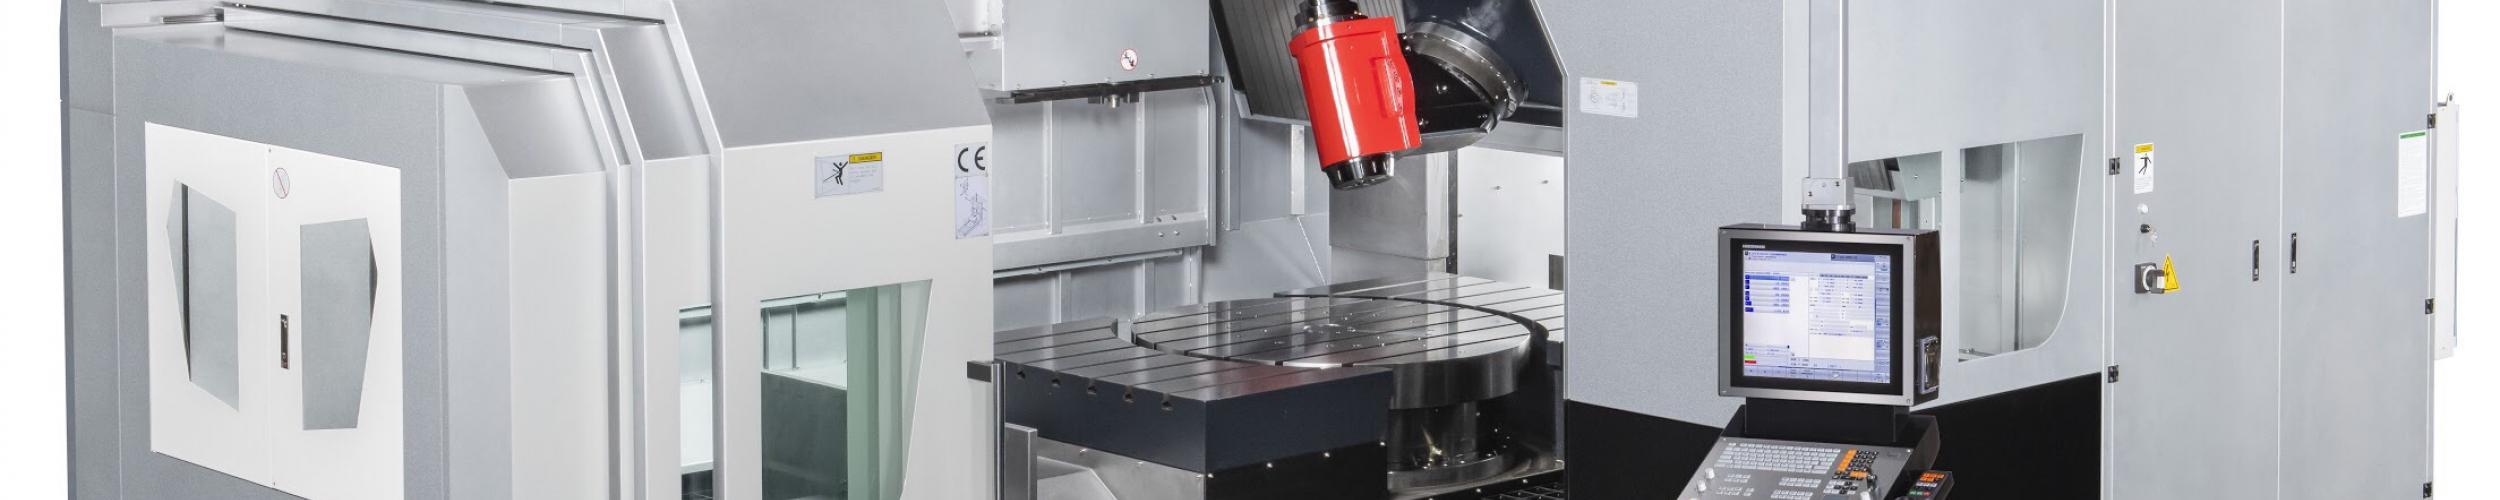 PINNACLE launches 5-axis portaalfreesmachine  DU1412